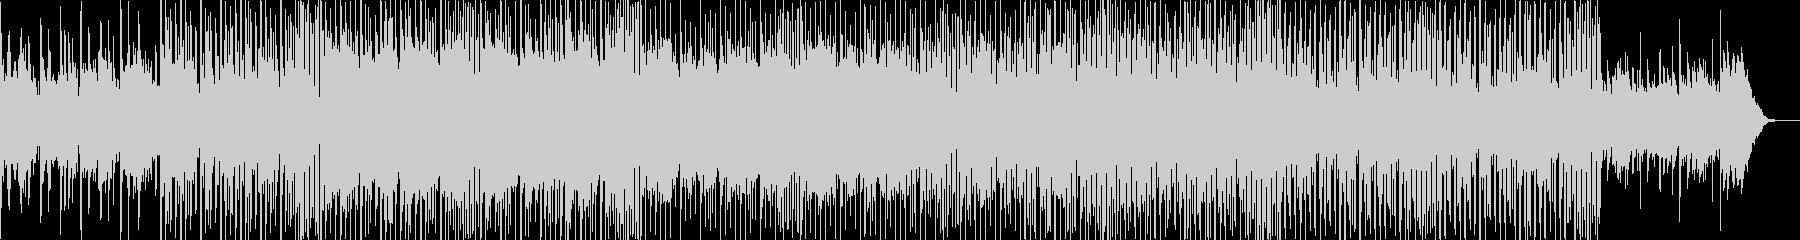 明るく爽やかなオーケストラポップ-12の未再生の波形